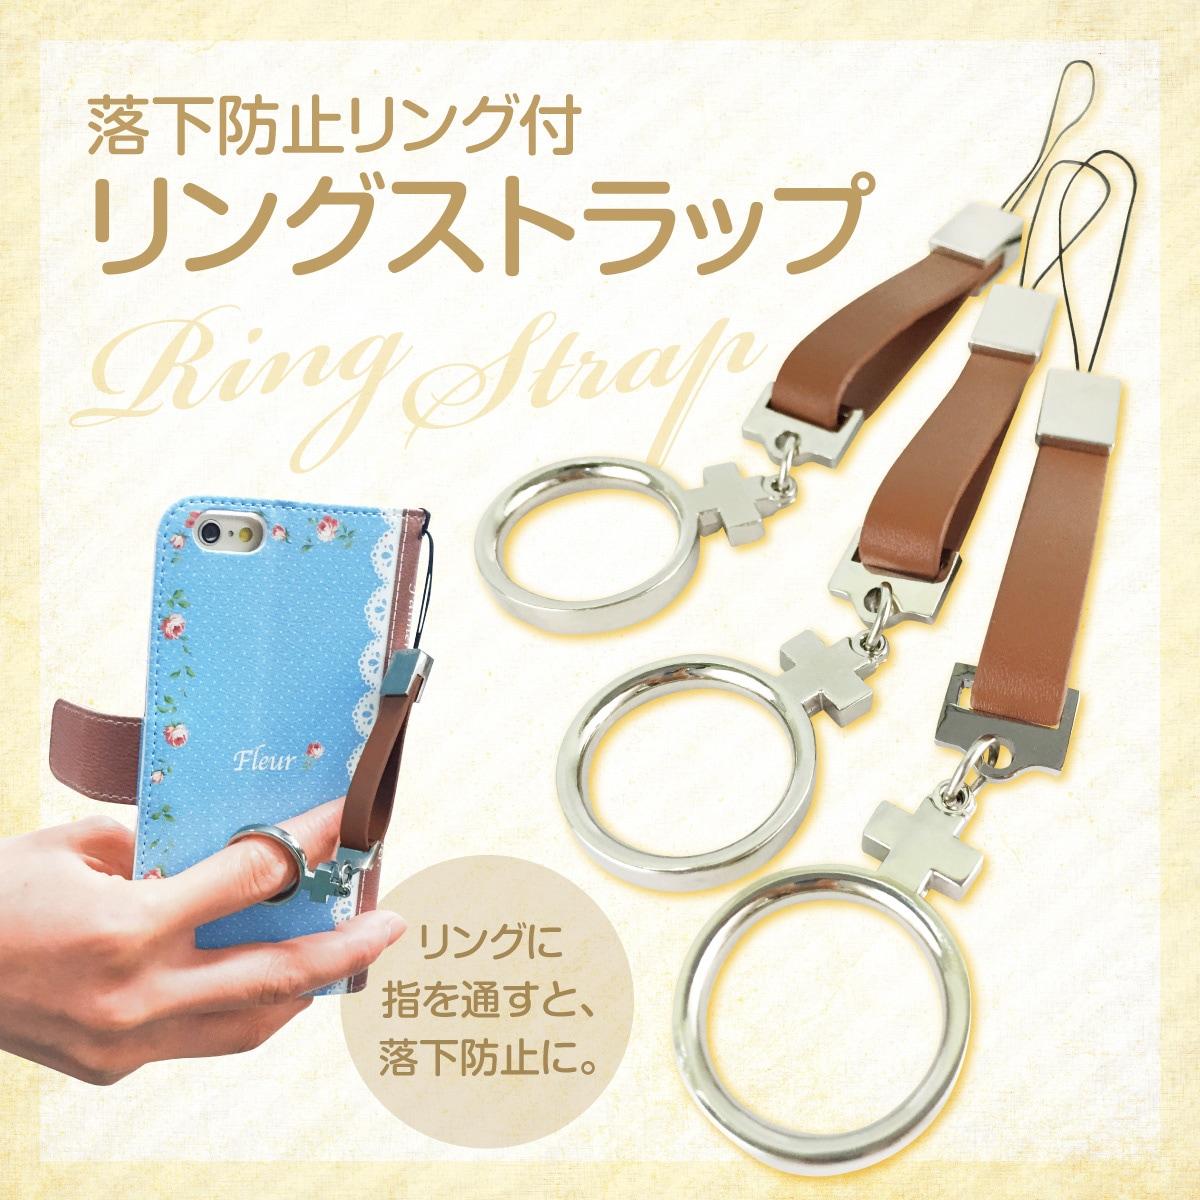 リングストラップ jiang ジアン 手帳型 スマホケース ストラップ ケース カバー オシャレ かわいい 着せ替え ring-strap 10P06May15